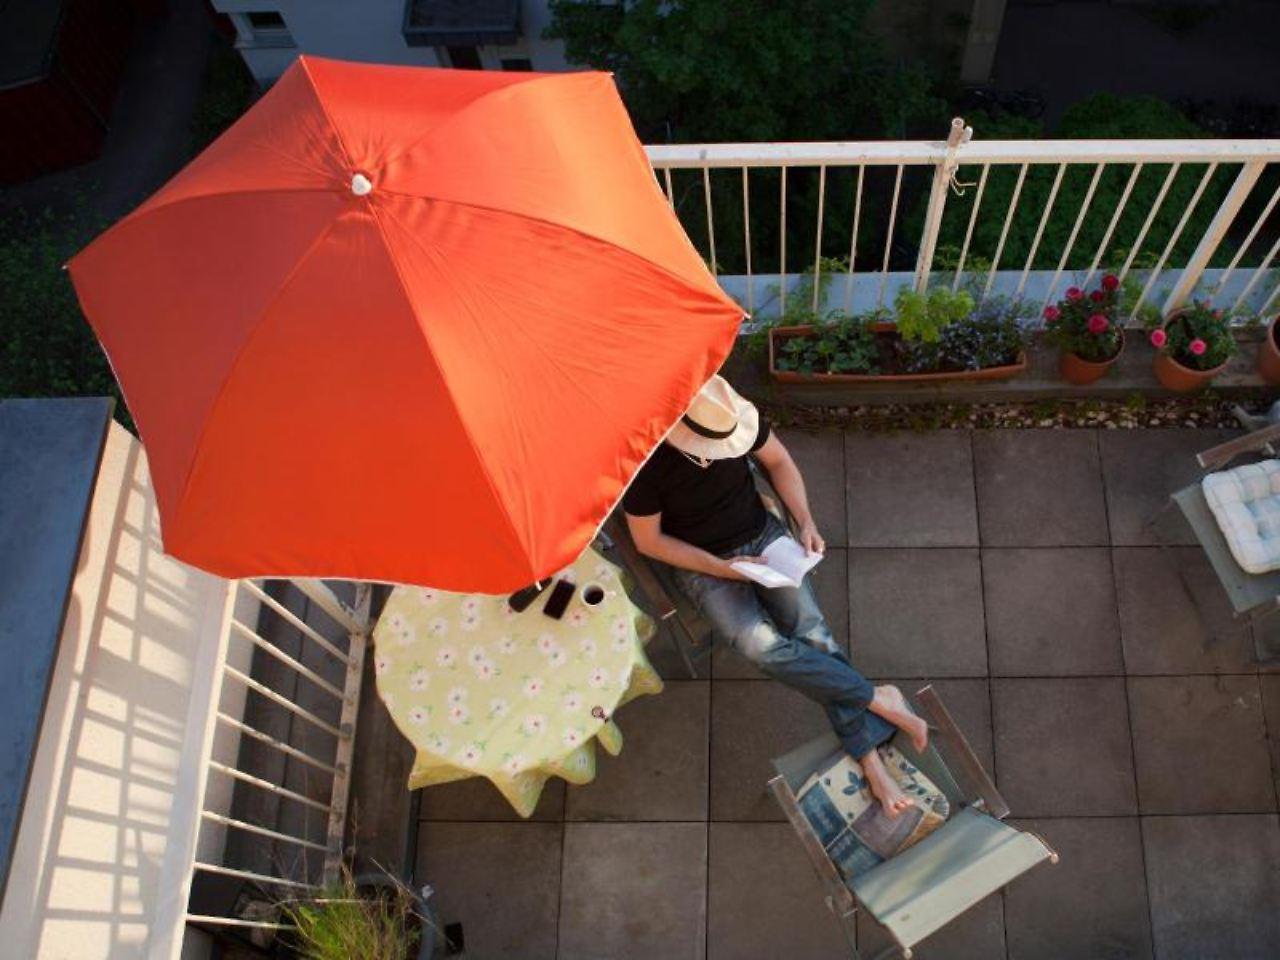 bepflanzung grillen nutzung was mieter auf dem balkon d rfen n. Black Bedroom Furniture Sets. Home Design Ideas